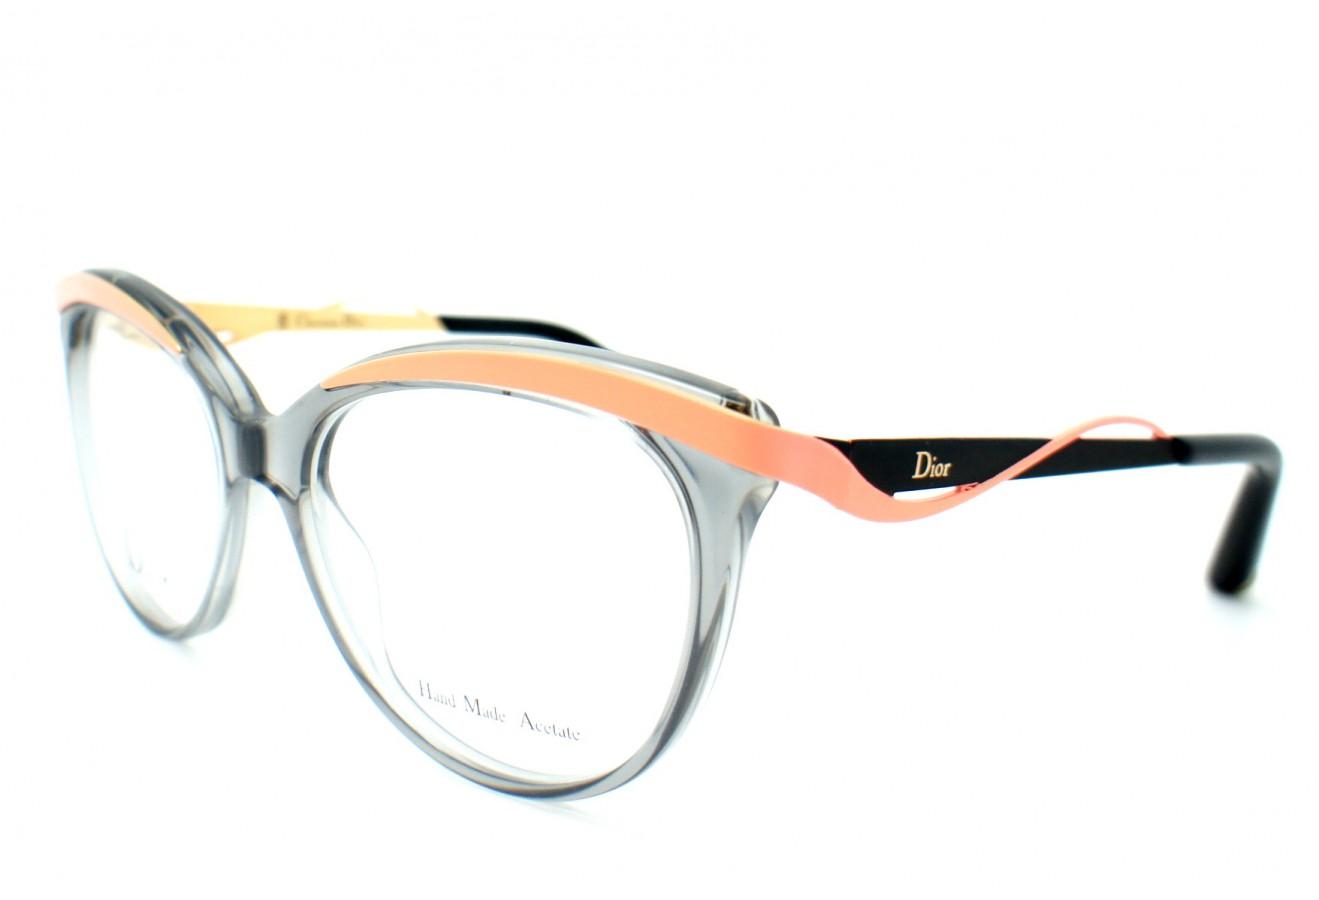 J'ai pu me faire plaisir avec de belles lunettes de vue